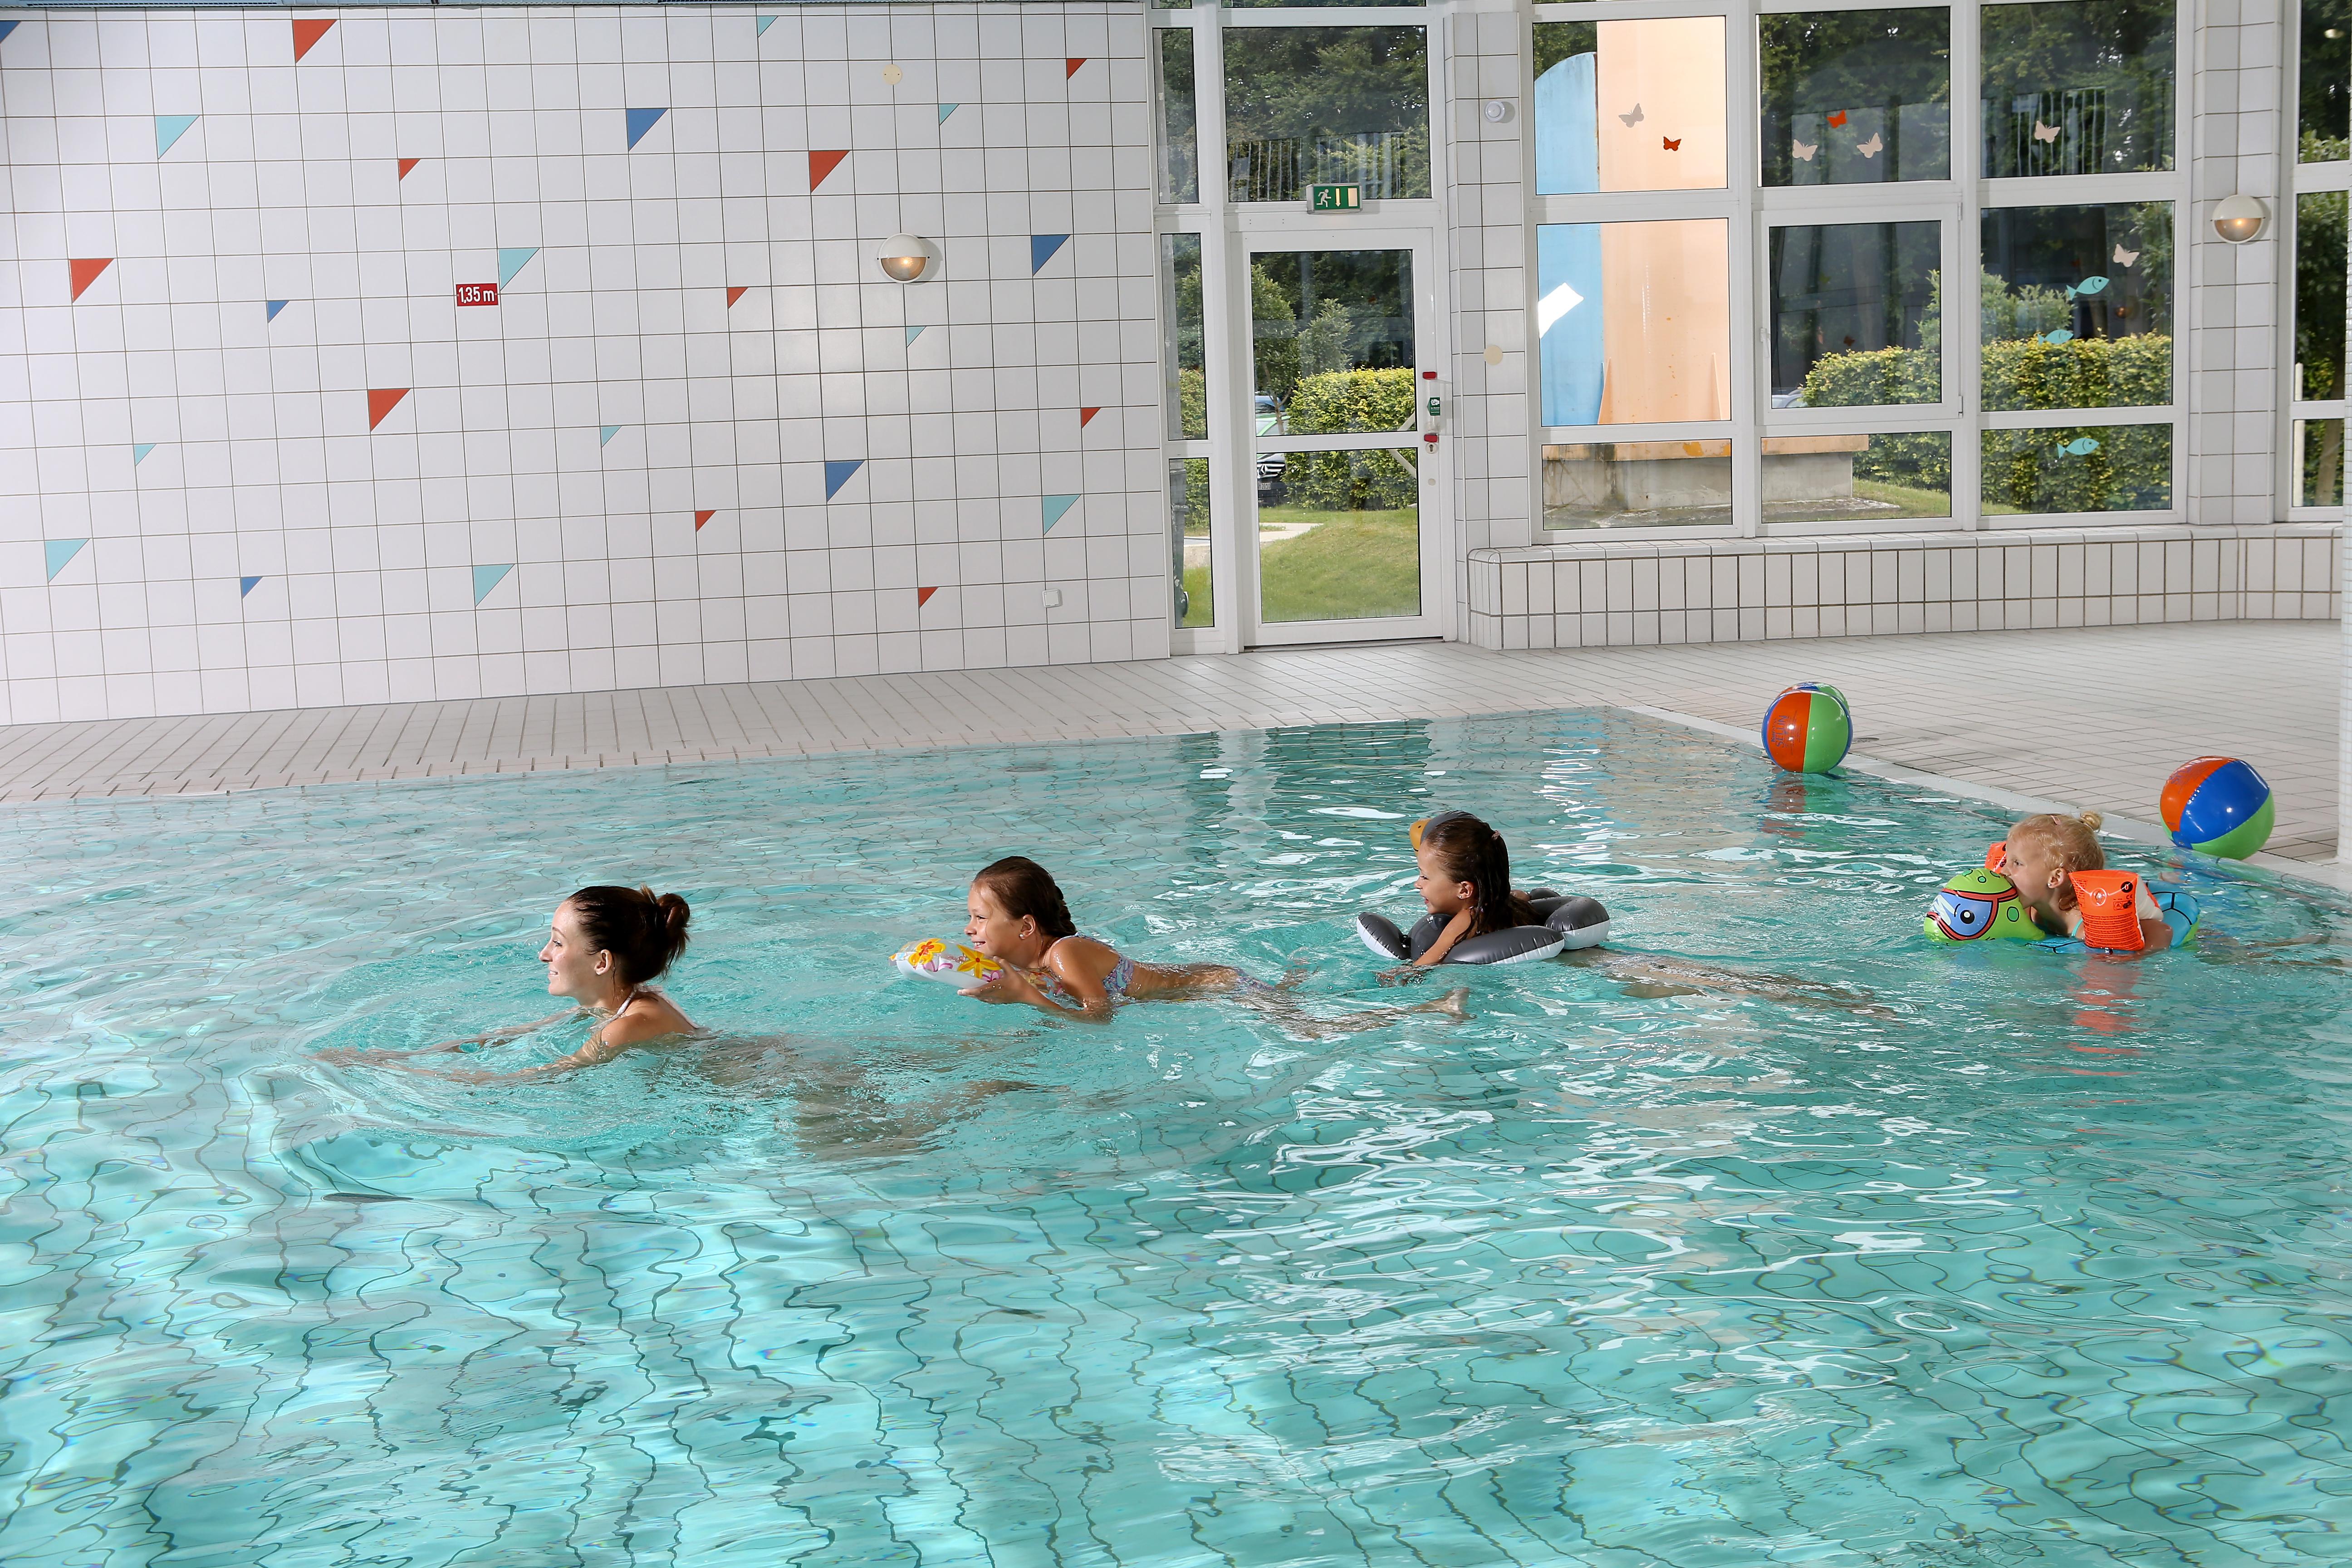 Beheitzes Schwimmbad im Innenbereich